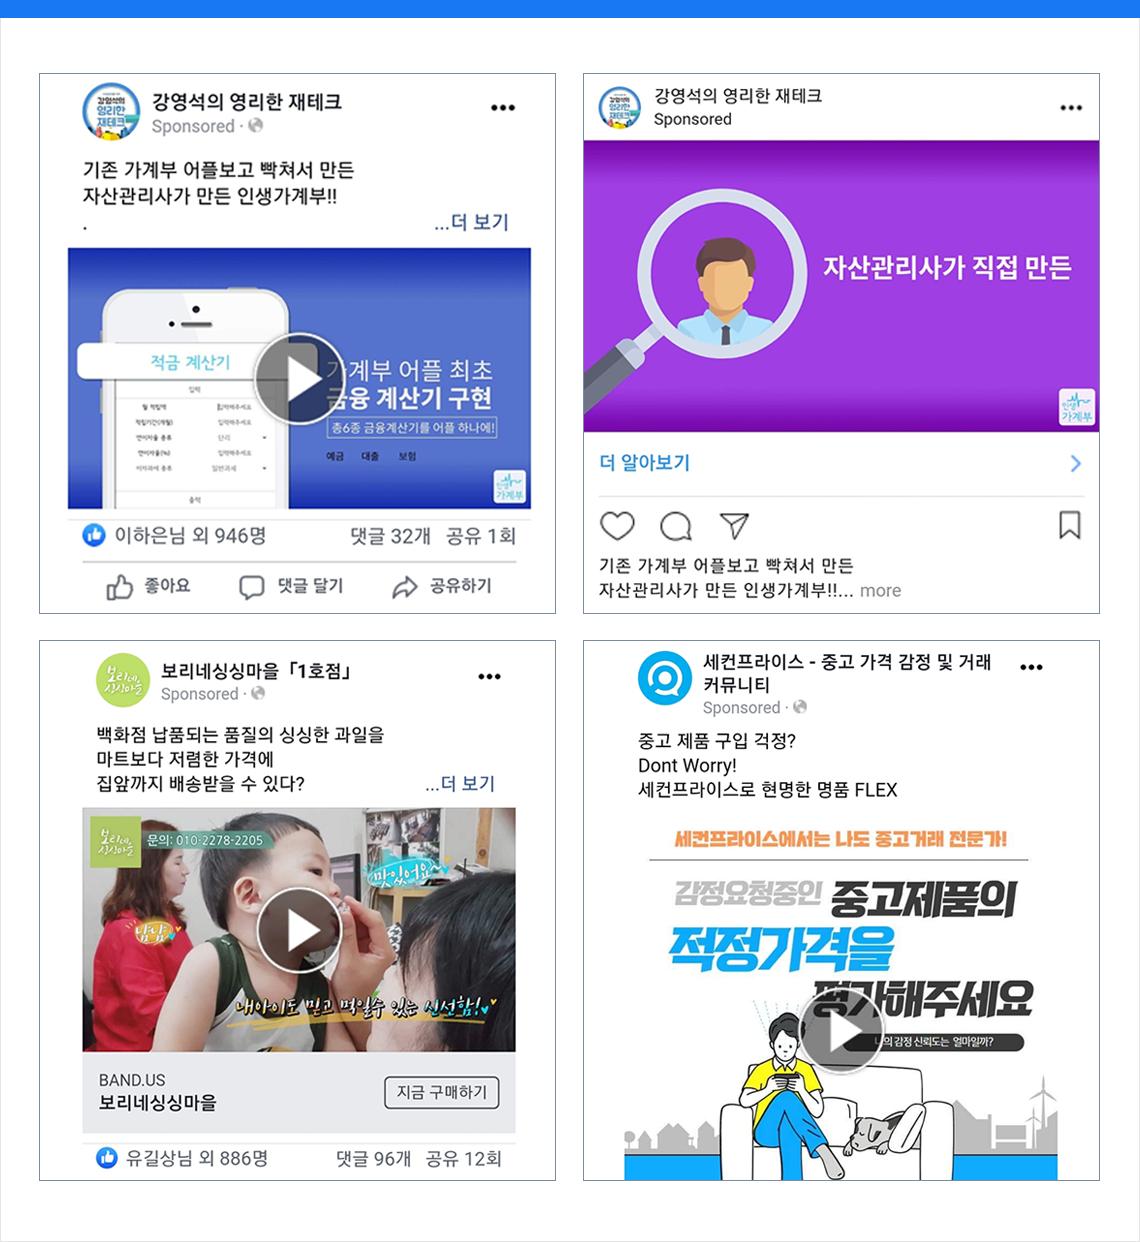 페이스북 마케팅 사례